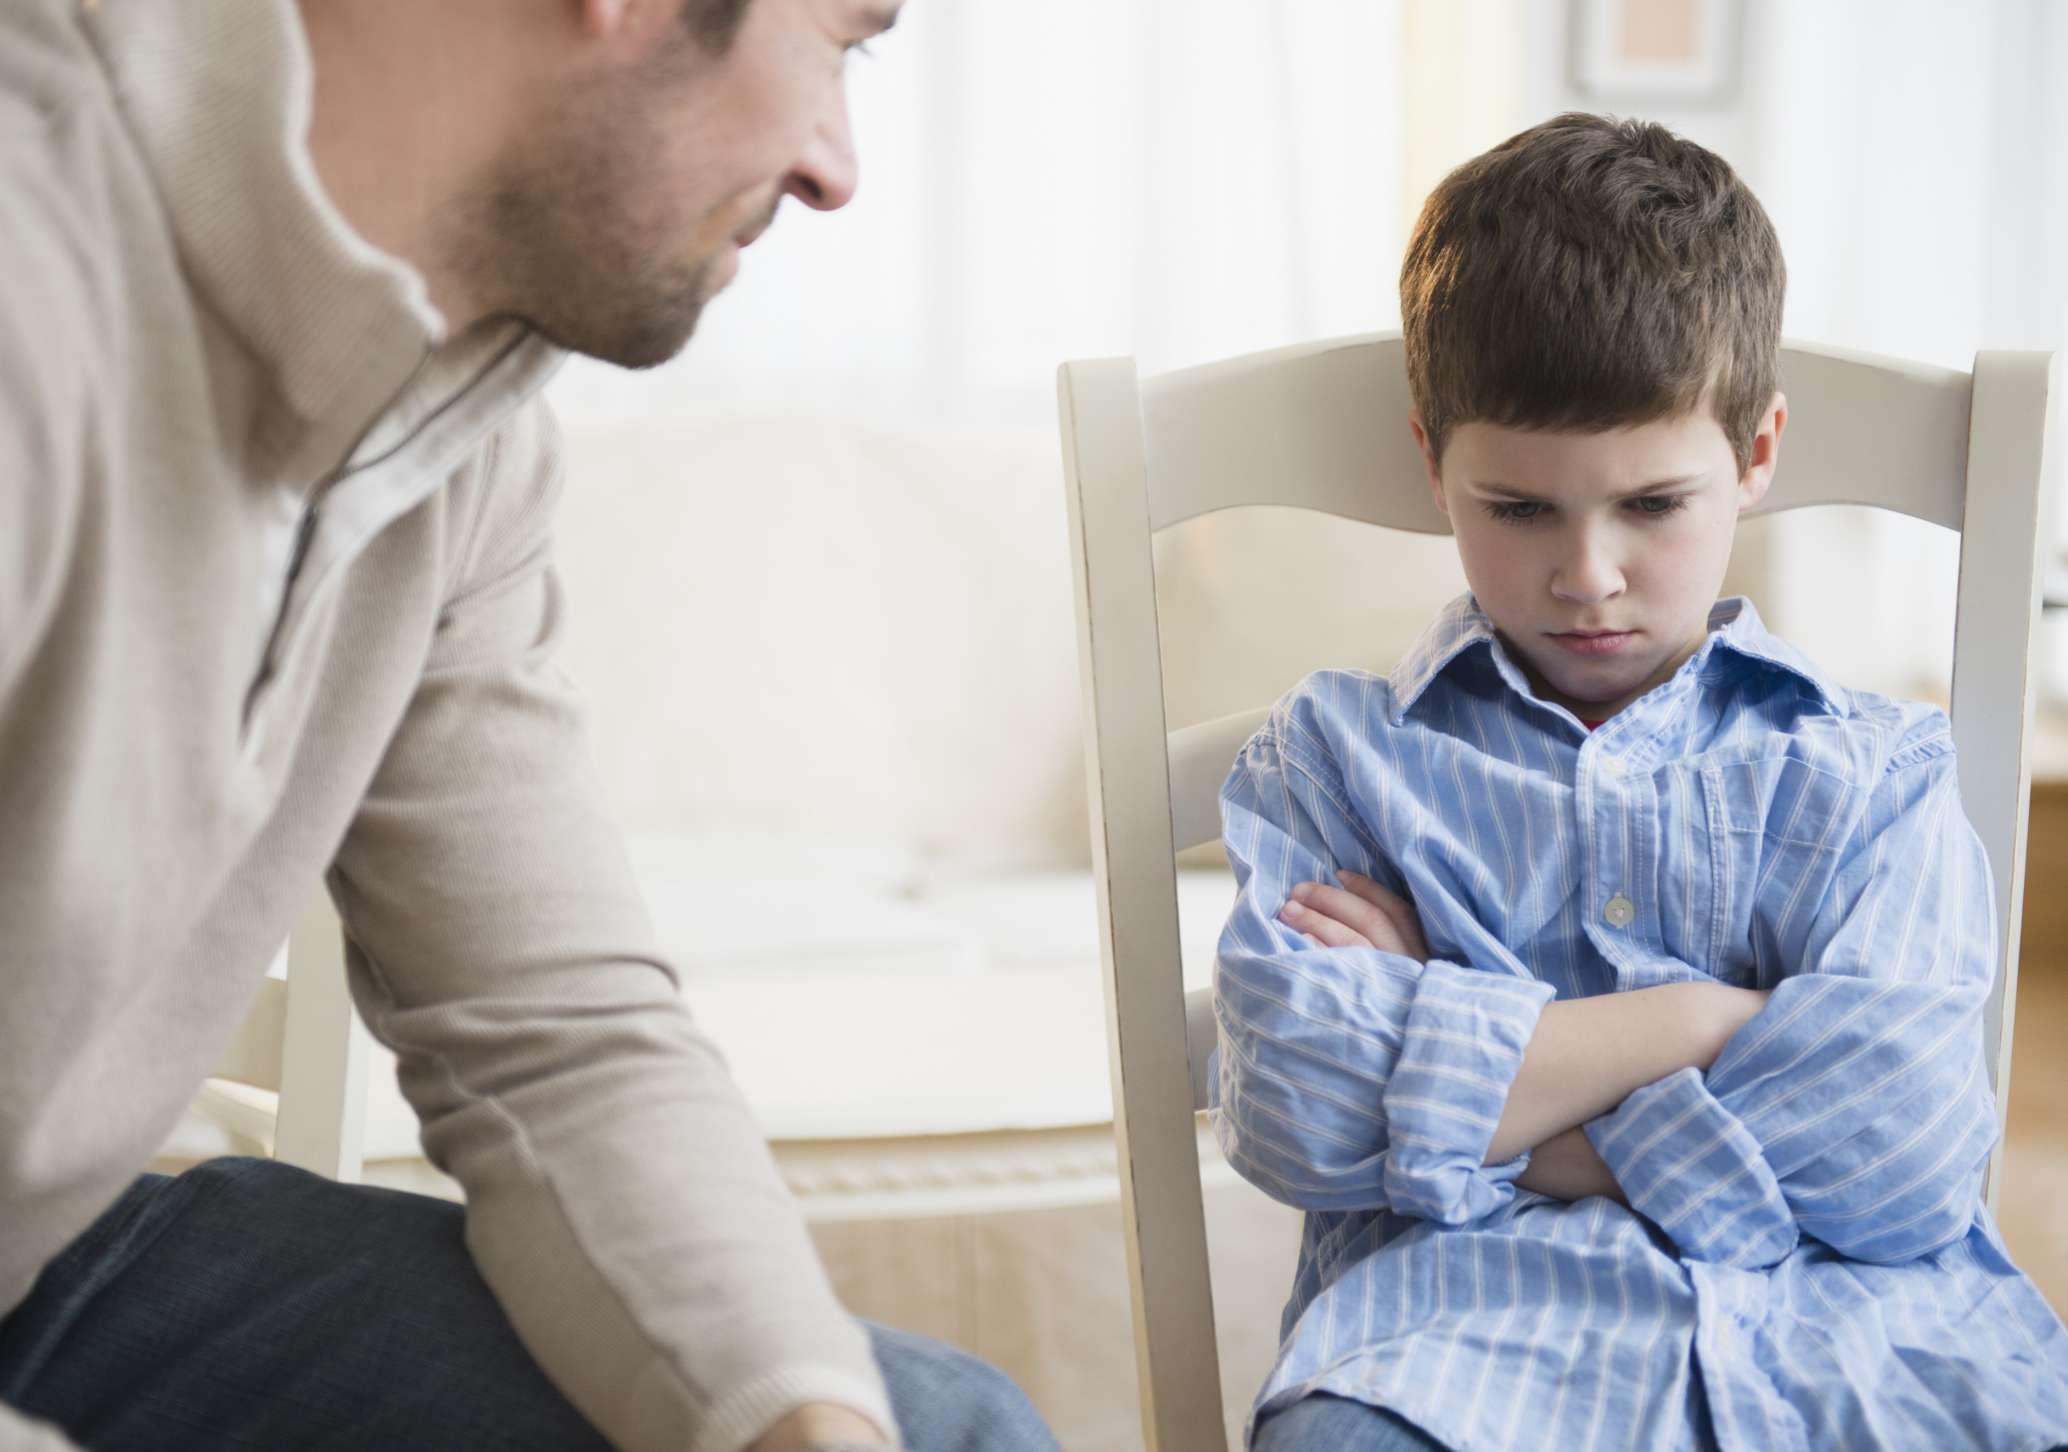 جلوگیری از نافرمانی در کودکان , نافرمانی در کودکان , اختلال نافرمانی کودک